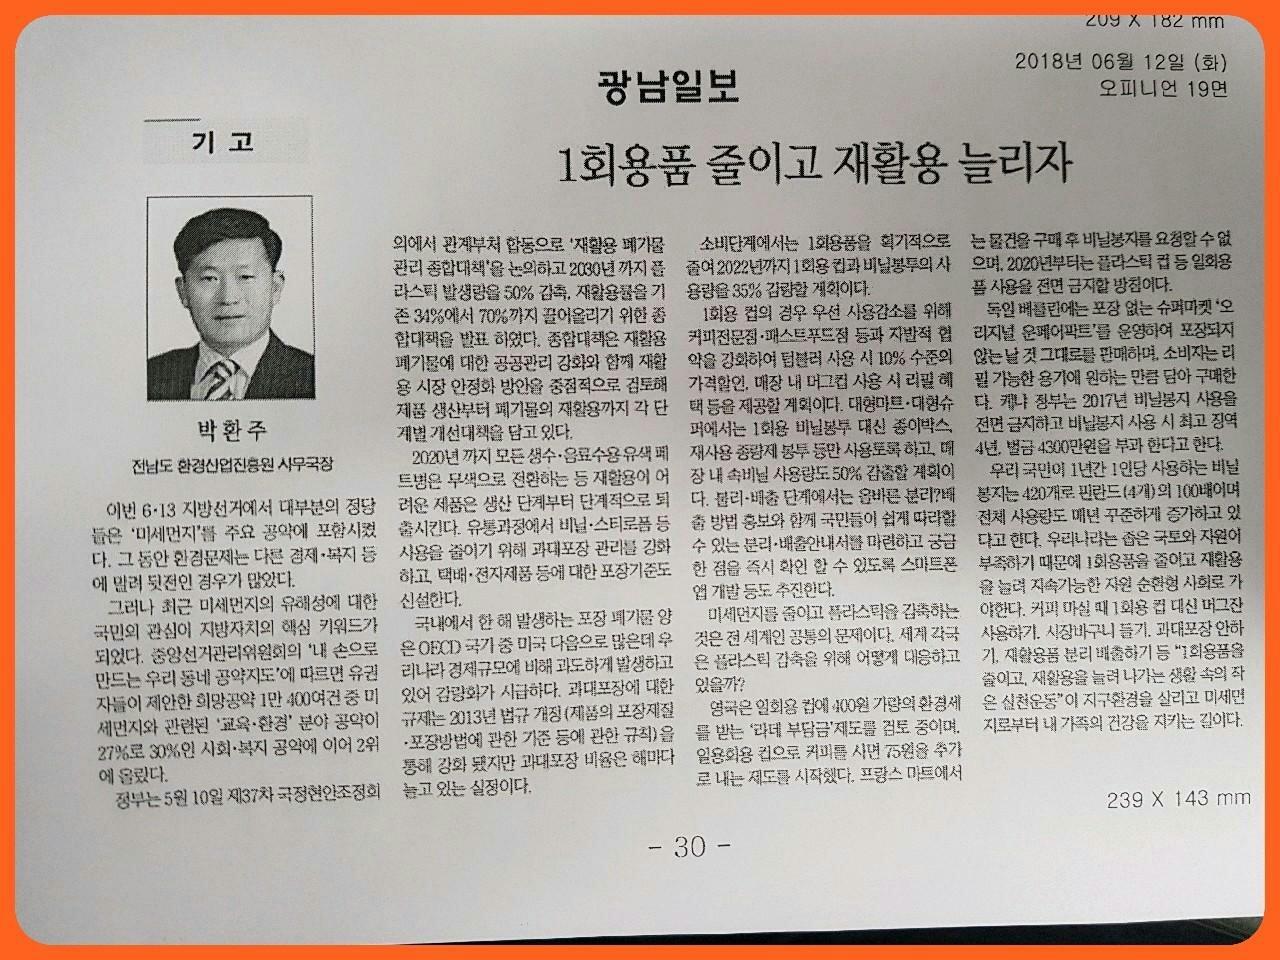 박환주사무국장기고문1회용품줄이고재활용품늘리자